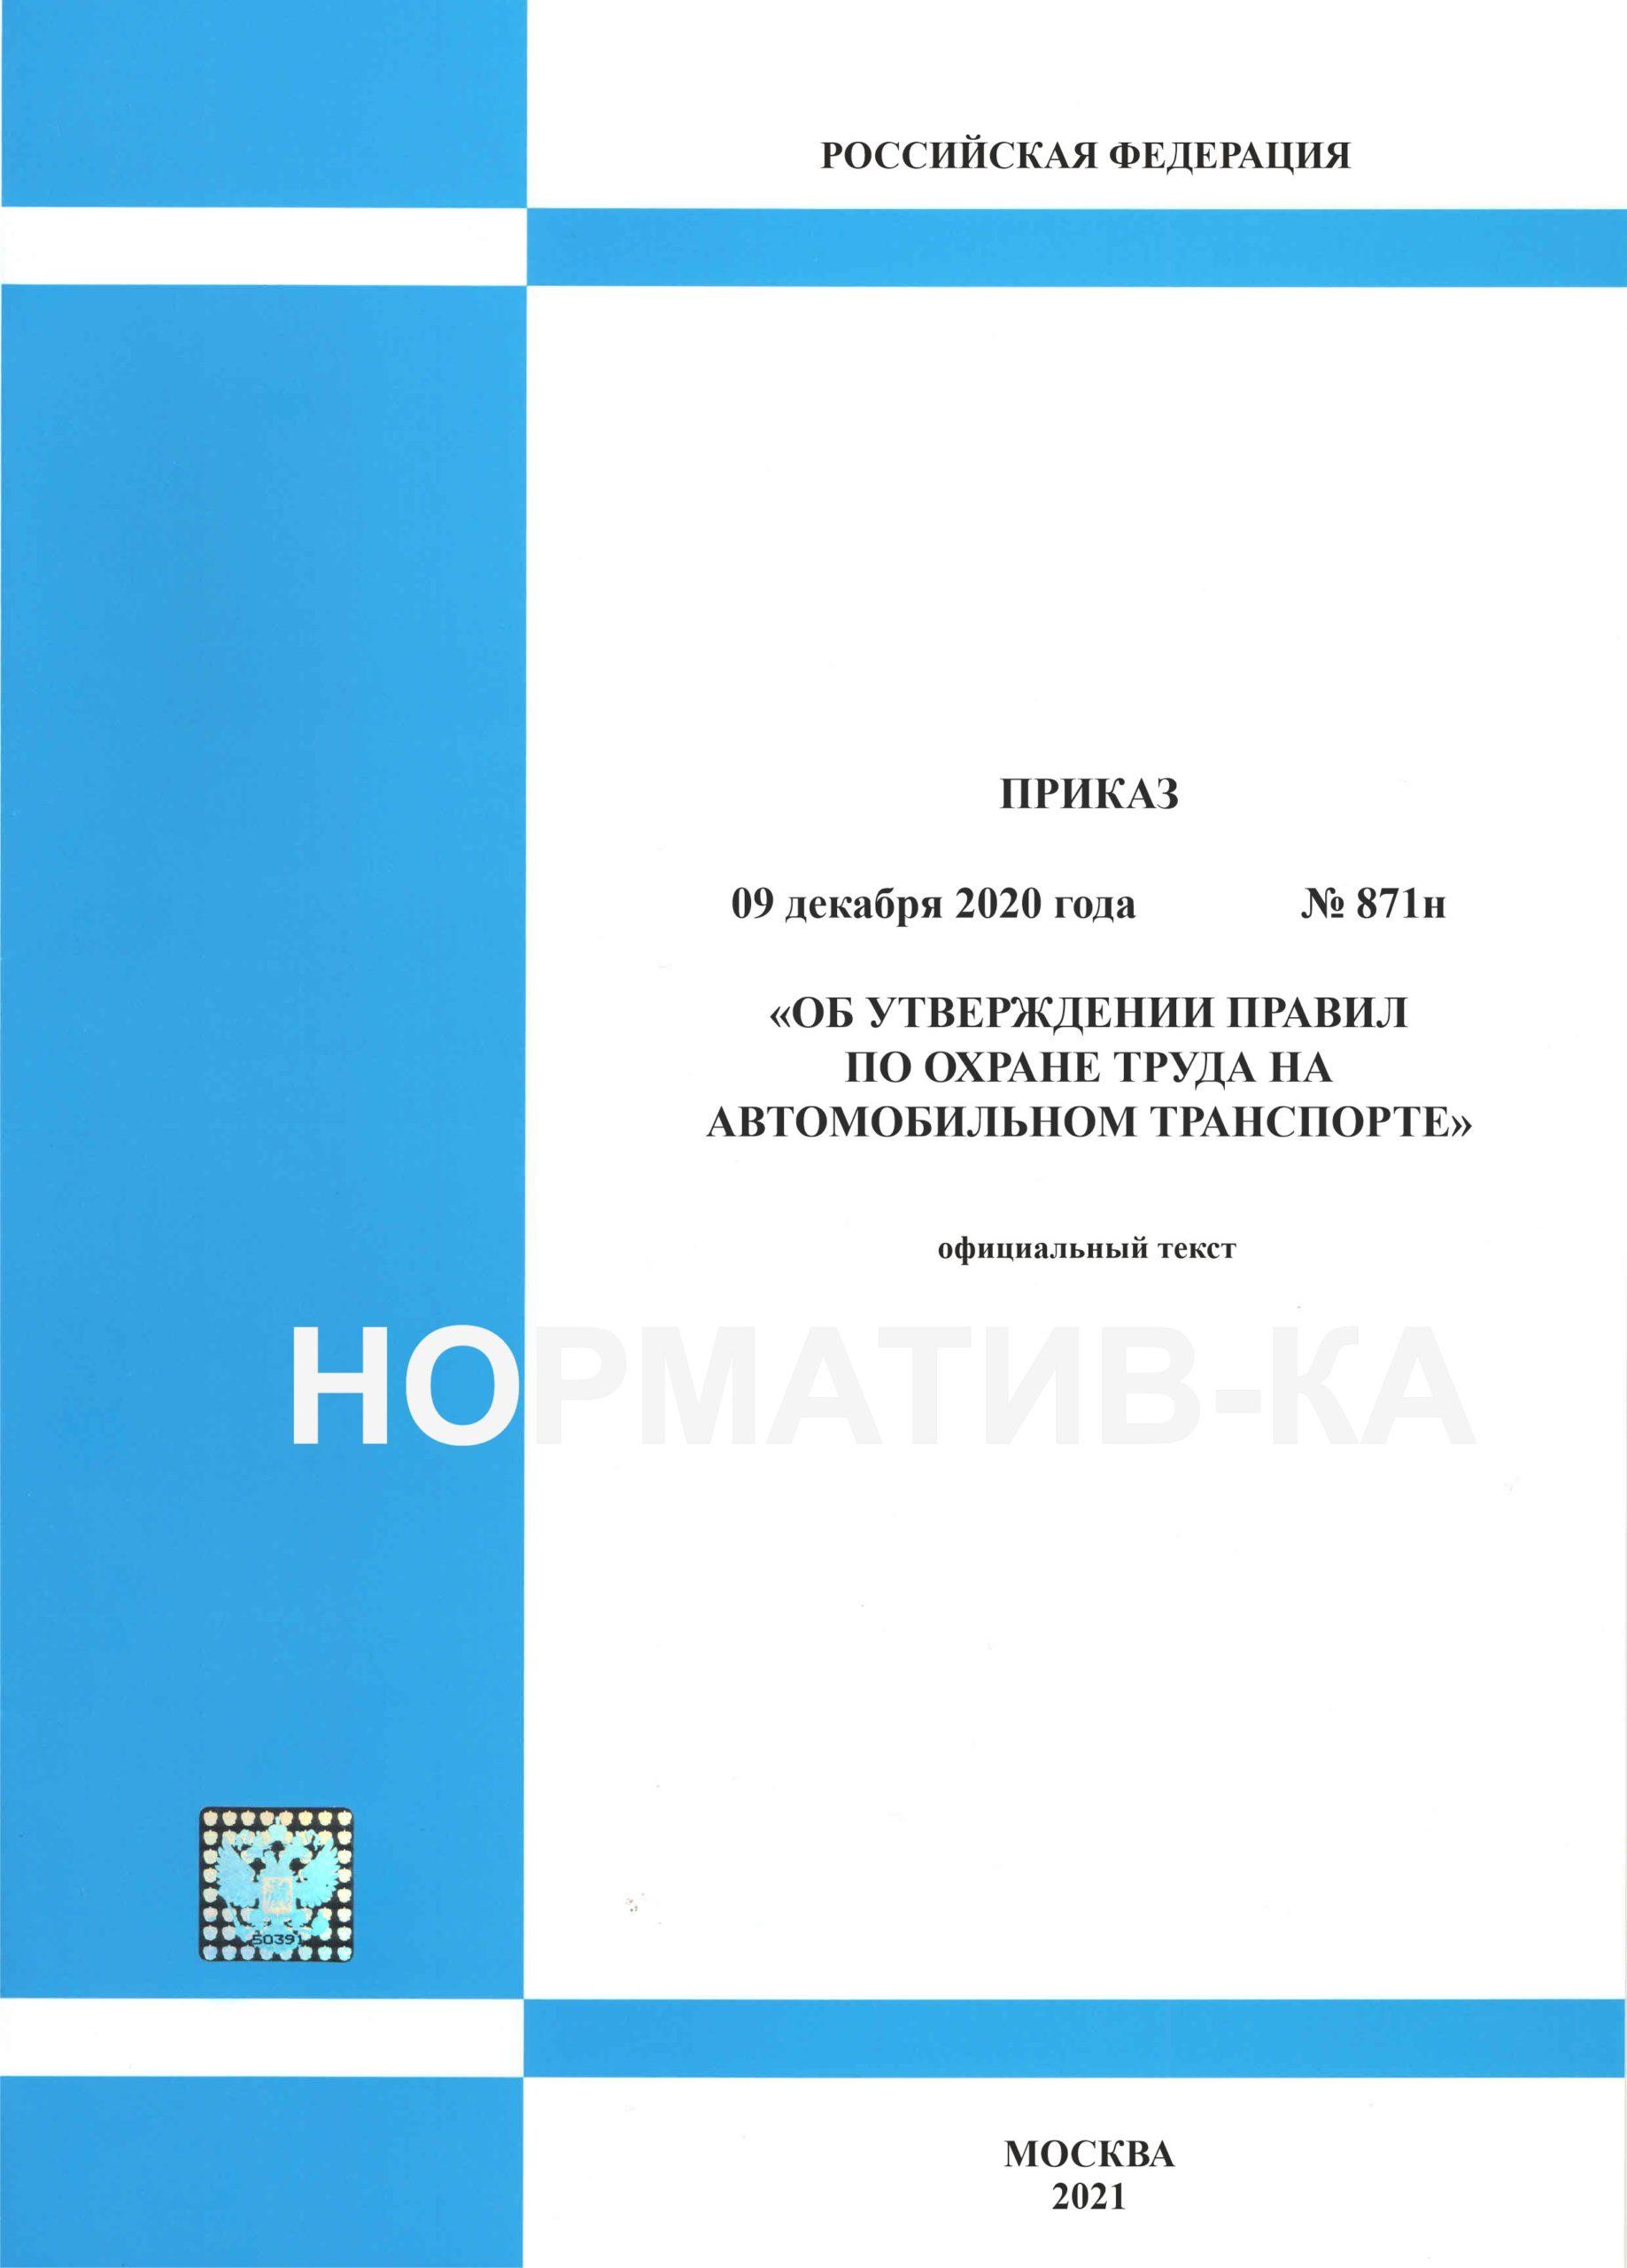 Приказ № 871н